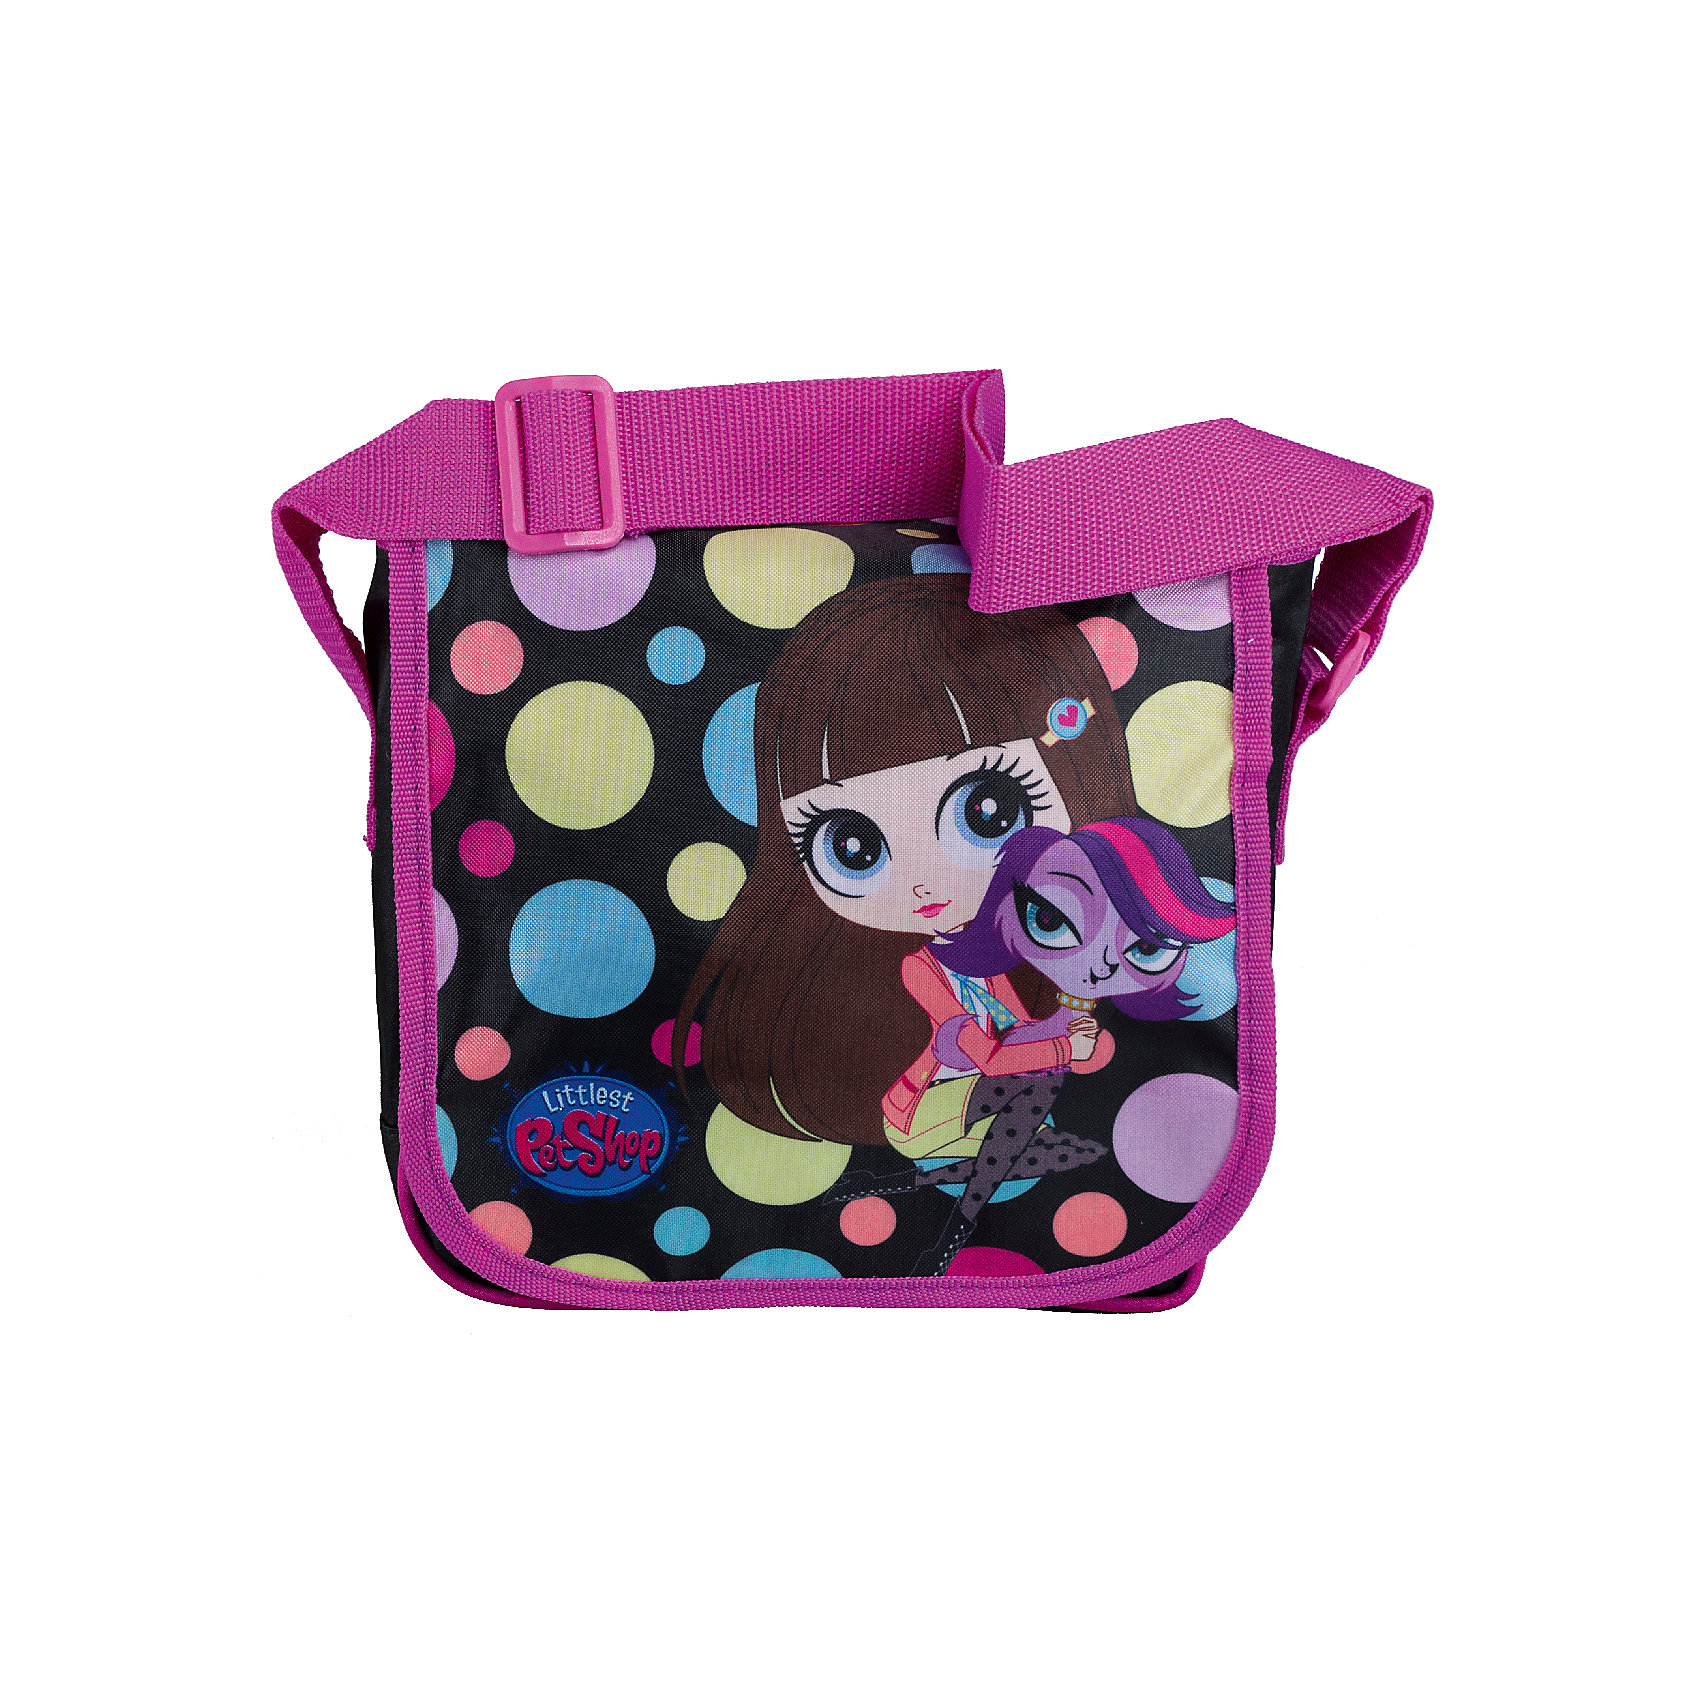 Сумка Littlest Pet Shop 21,5*22*7,5 смСтильная детская сумочка с изображением любимых героев, несомненно понравится Вашему ребенку. С ней можно отправиться на прогулку и взять с собой все самое необходимое. Сумка закрывается на клапан на липучке. Лямка свободно регулируется по длине, обеспечивая дополнительный комфорт. Модель выполнена из плотного и износостойкого полиэстера.<br><br>Дополнительная информация:<br><br>Одно отделение, перекидной клапан на липучке.<br>Размер 21,5 х 22 х 7,5 см.<br><br>Сумку Littlest Pet Shop (Маленький зоомагазин) 21,5*22*7,5 см можно купить в нашем магазине.<br><br>Ширина мм: 215<br>Глубина мм: 220<br>Высота мм: 75<br>Вес г: 168<br>Возраст от месяцев: 48<br>Возраст до месяцев: 84<br>Пол: Женский<br>Возраст: Детский<br>SKU: 4141001